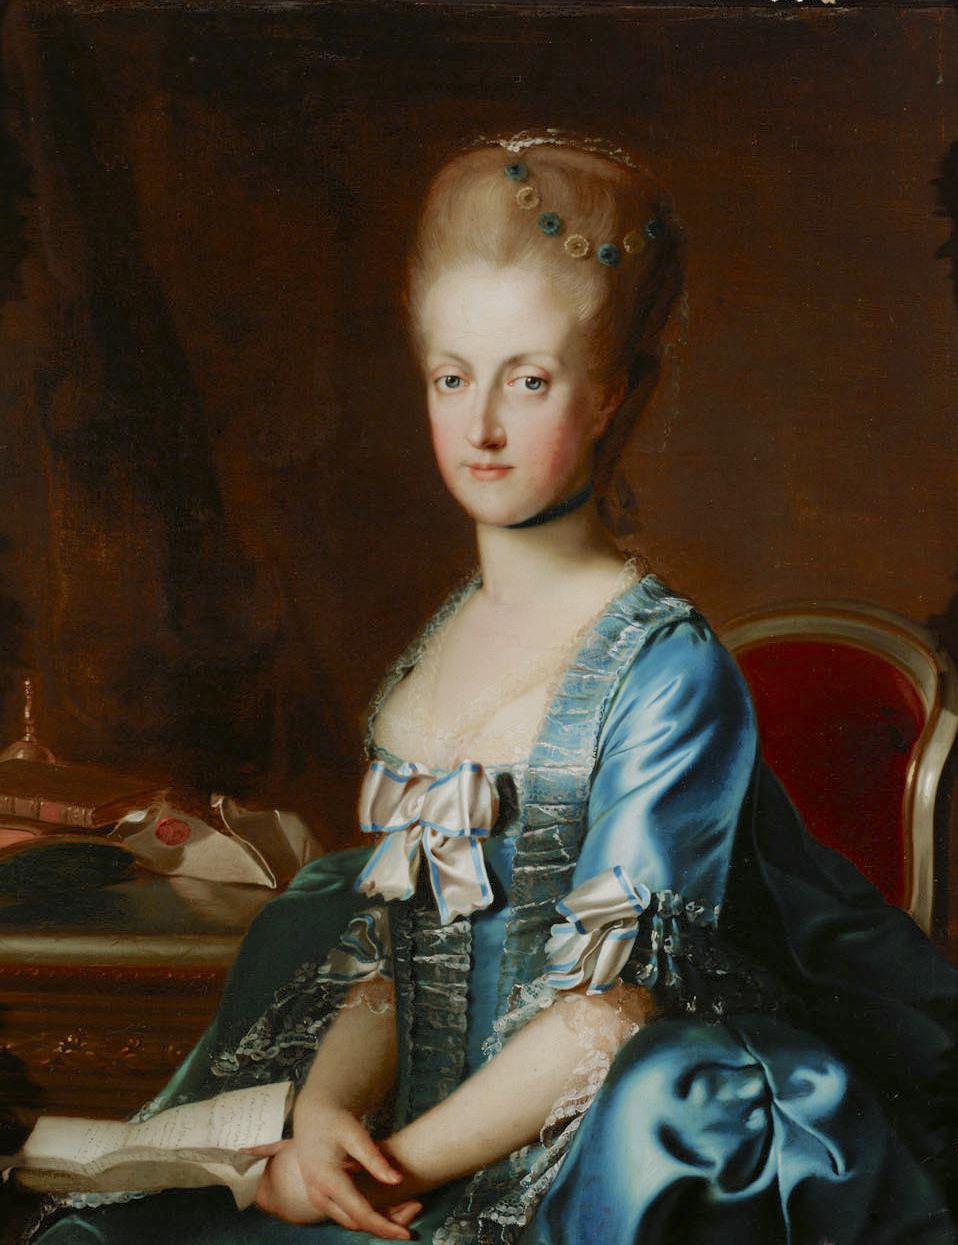 Portraits de Marie Caroline d'Autriche, reine de Naples et de Sicile Johann12